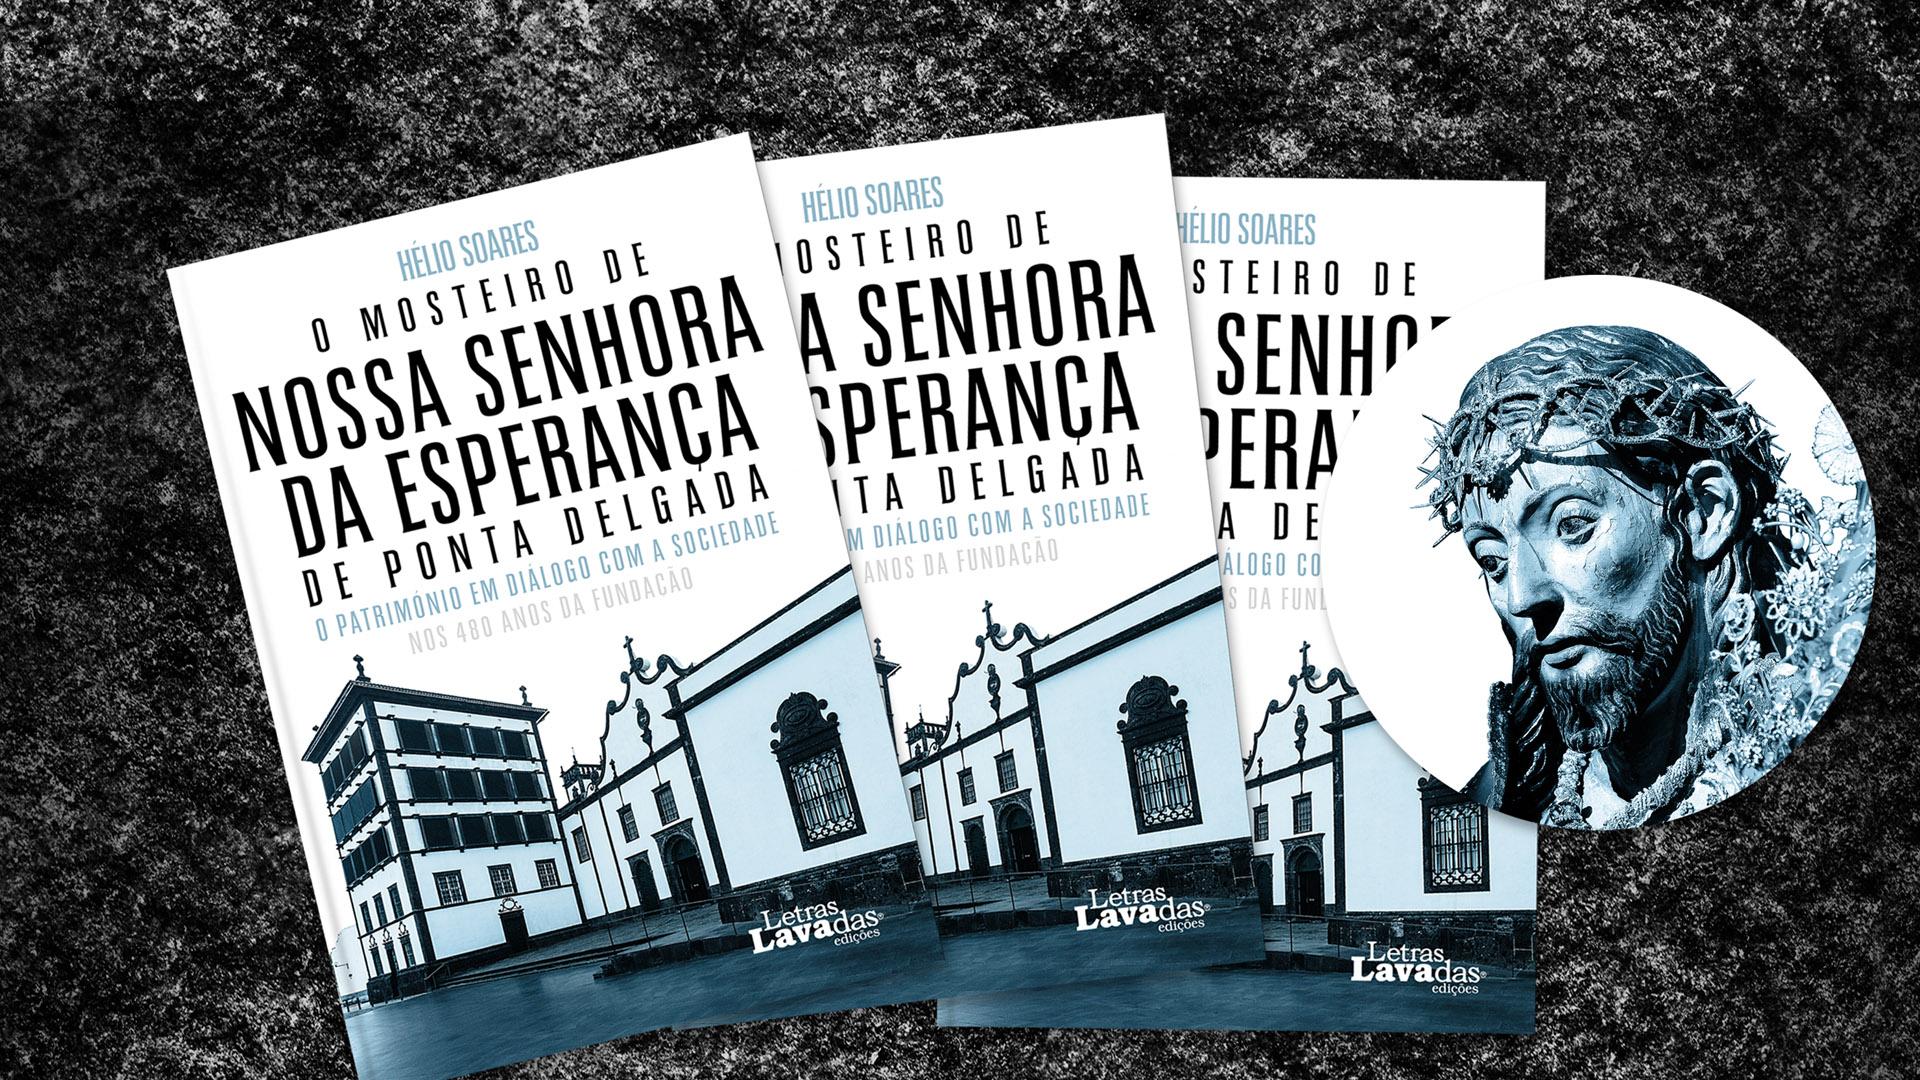 """Lançamento do livro """"O Mosteiro da Esperança de Ponta Delgada- o Património em Diálogo com a Sociedade"""" de Hélio Soares"""